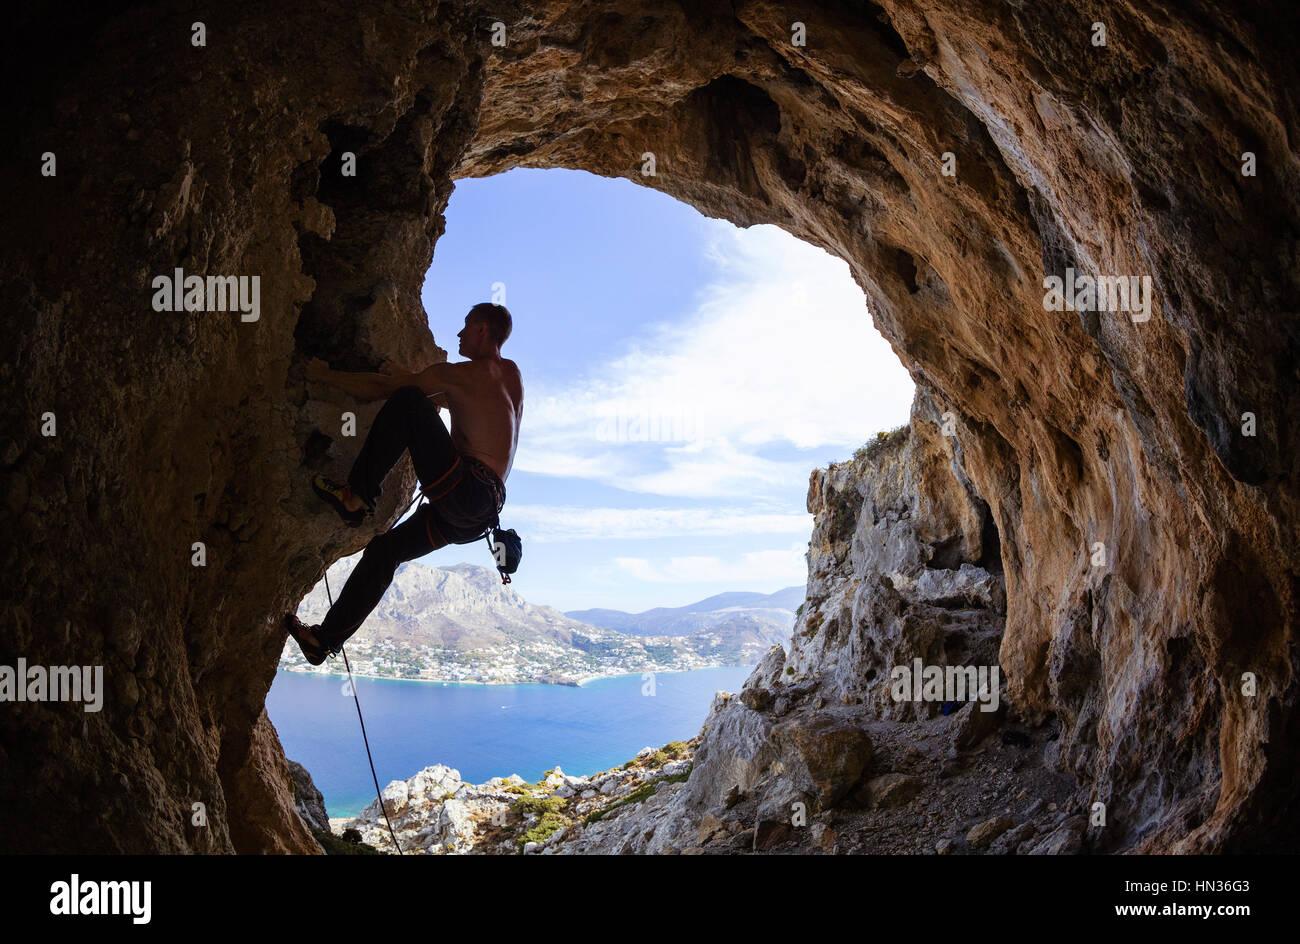 Joven subiendo a lo largo de rocas Foto de stock